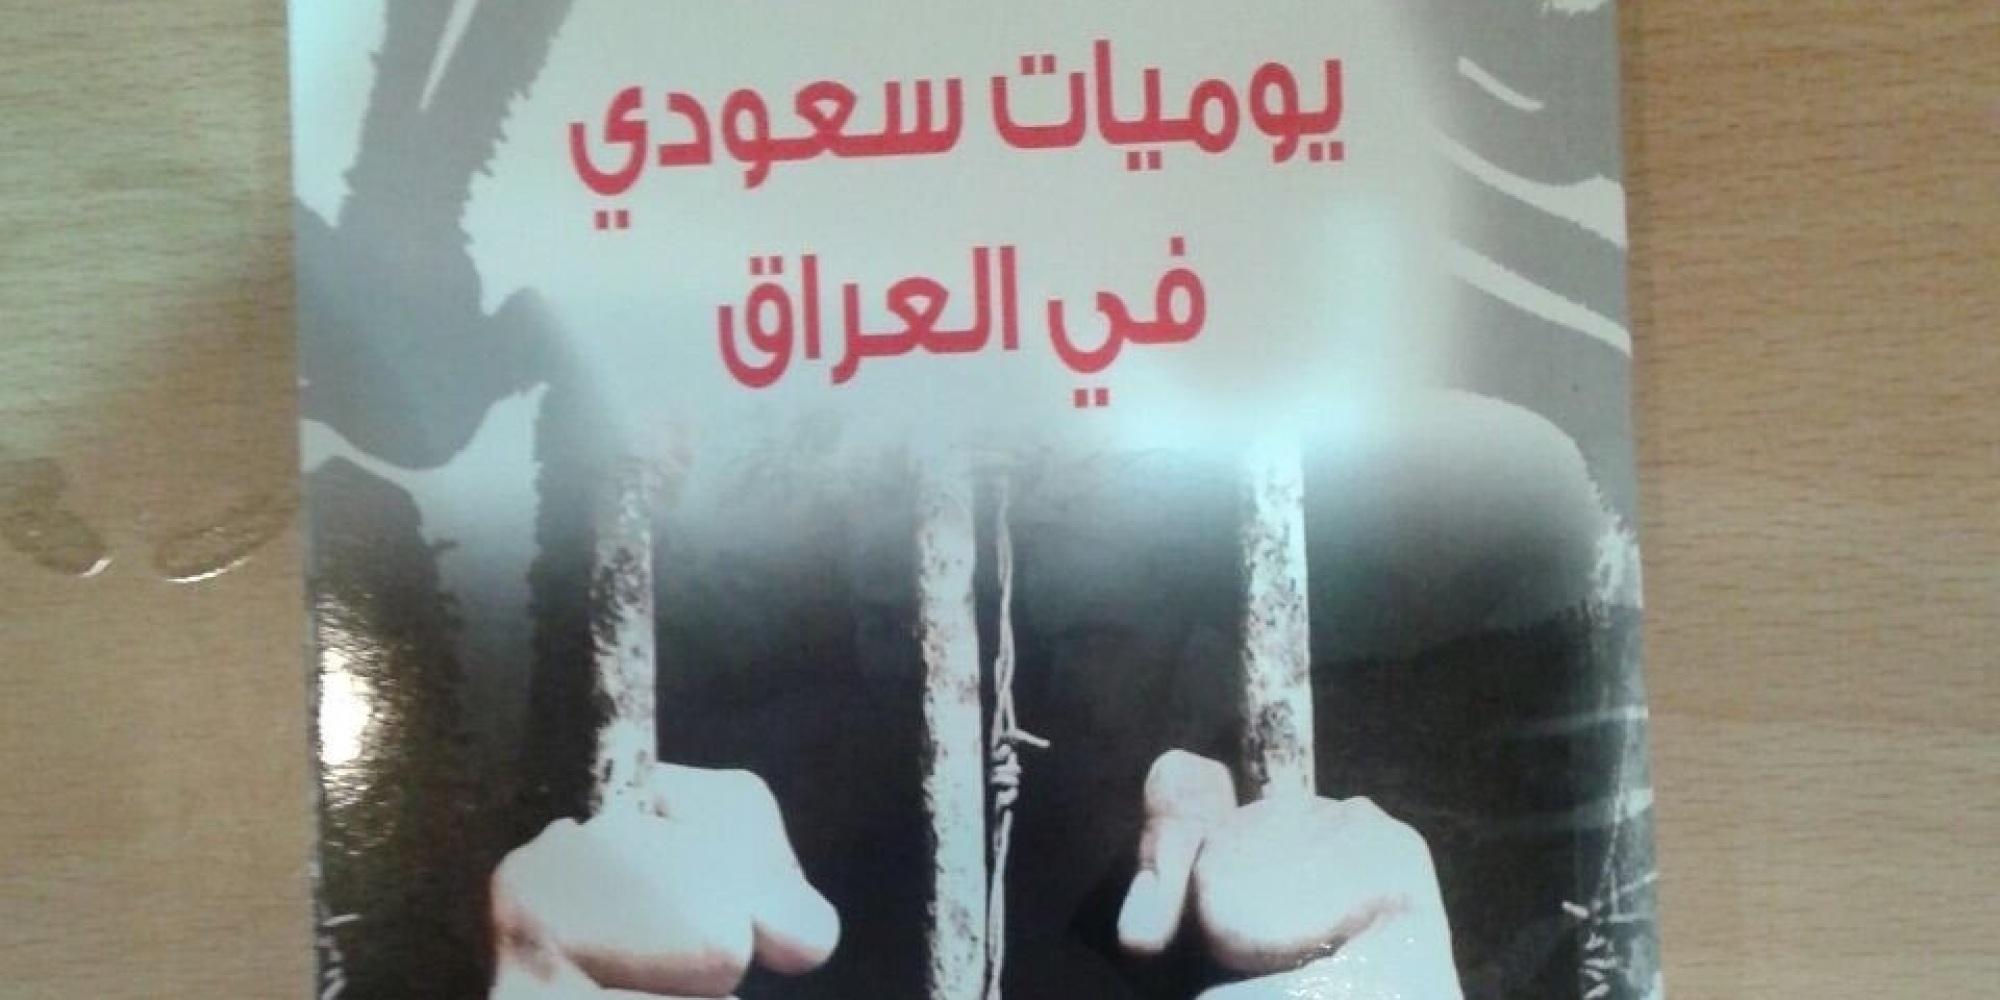 لماذا يخفي السجناء السعوديون جنسيتهم في العراق؟.. كتَّاب بمعرض الرياض يسلط الضوء على محنتهم المنسية